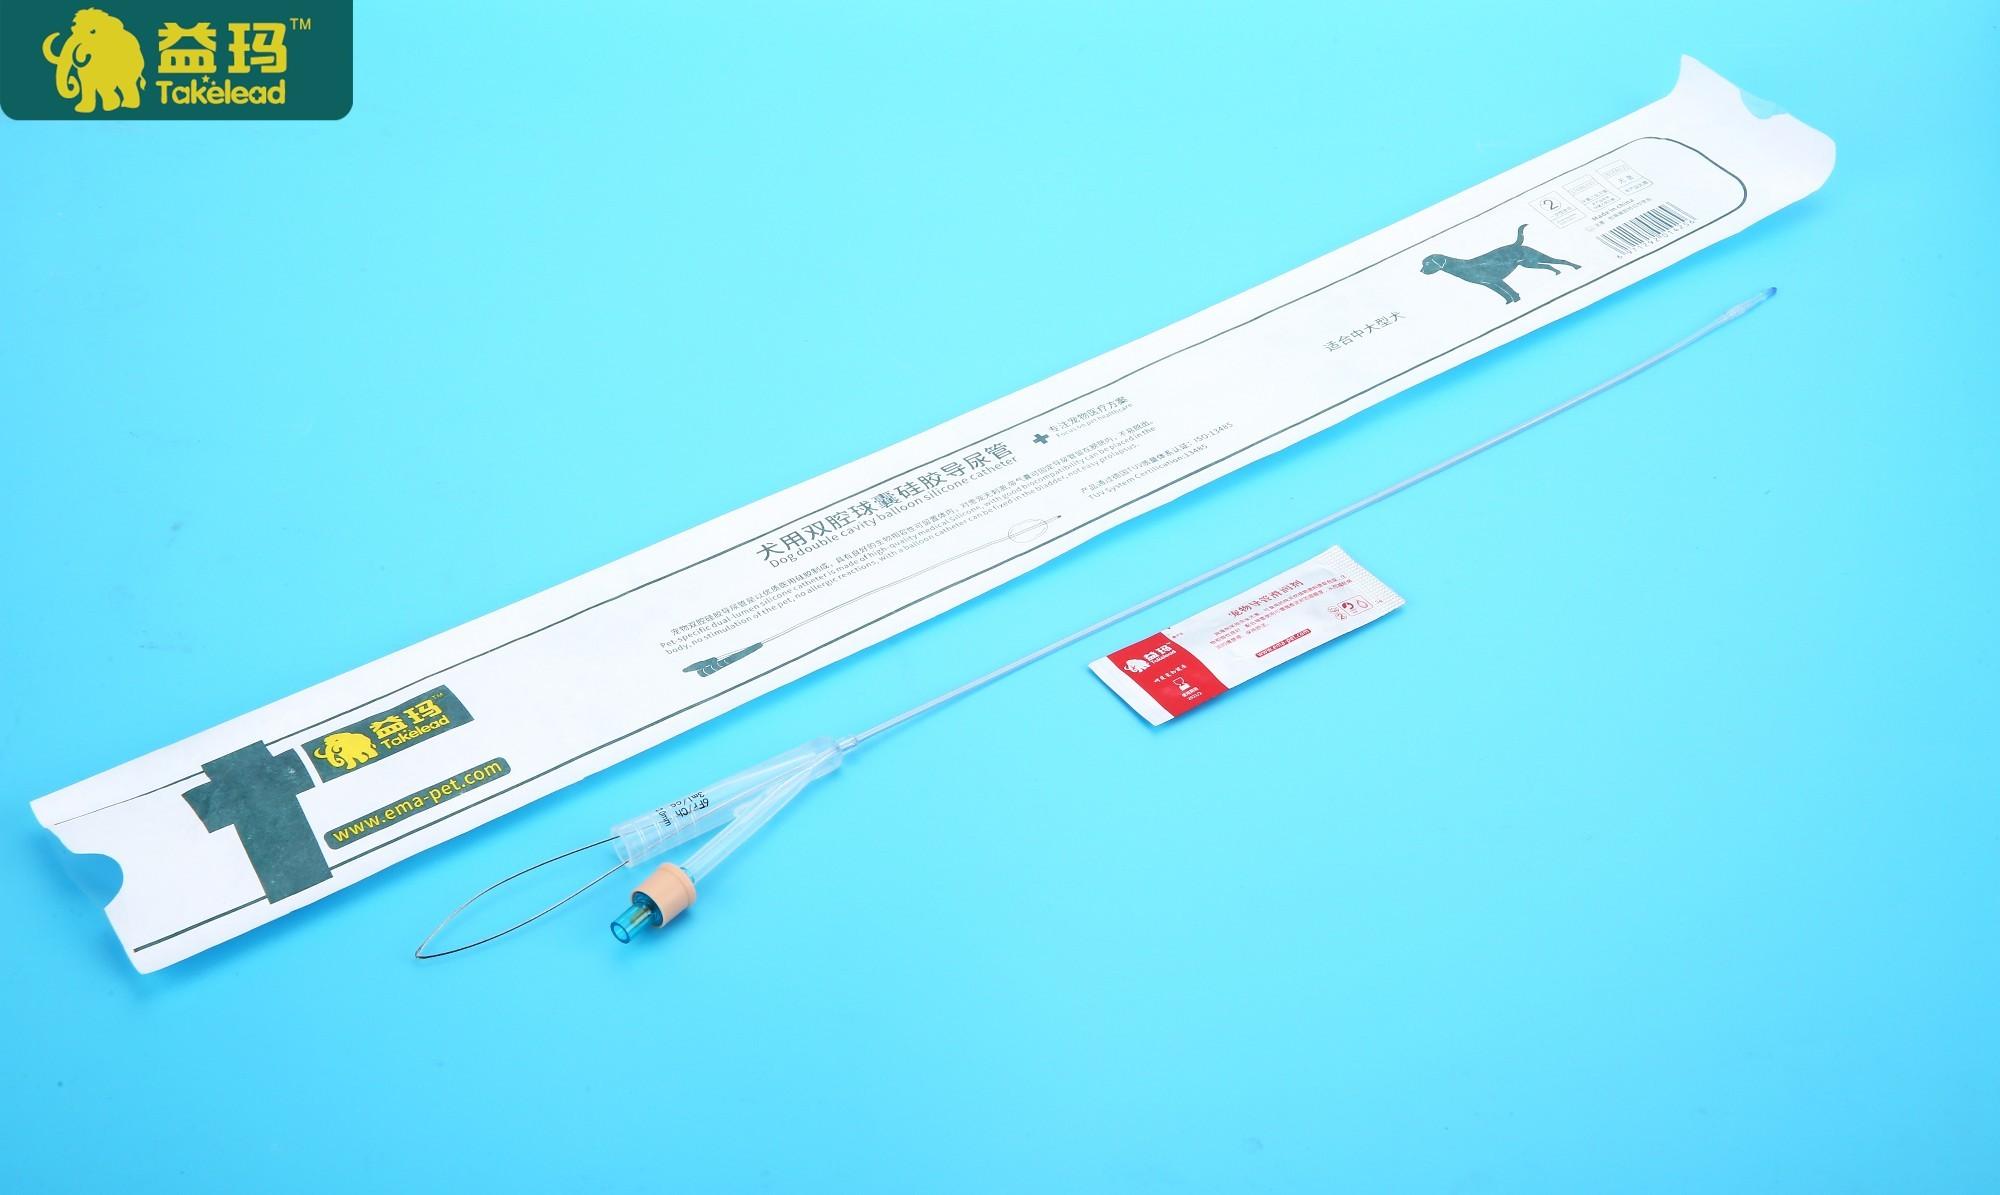 产品画室:小简介炭精长度双腔医用导尿管,规格技法:120mm~550mm,带动物肖像画硅胶——211球囊图片